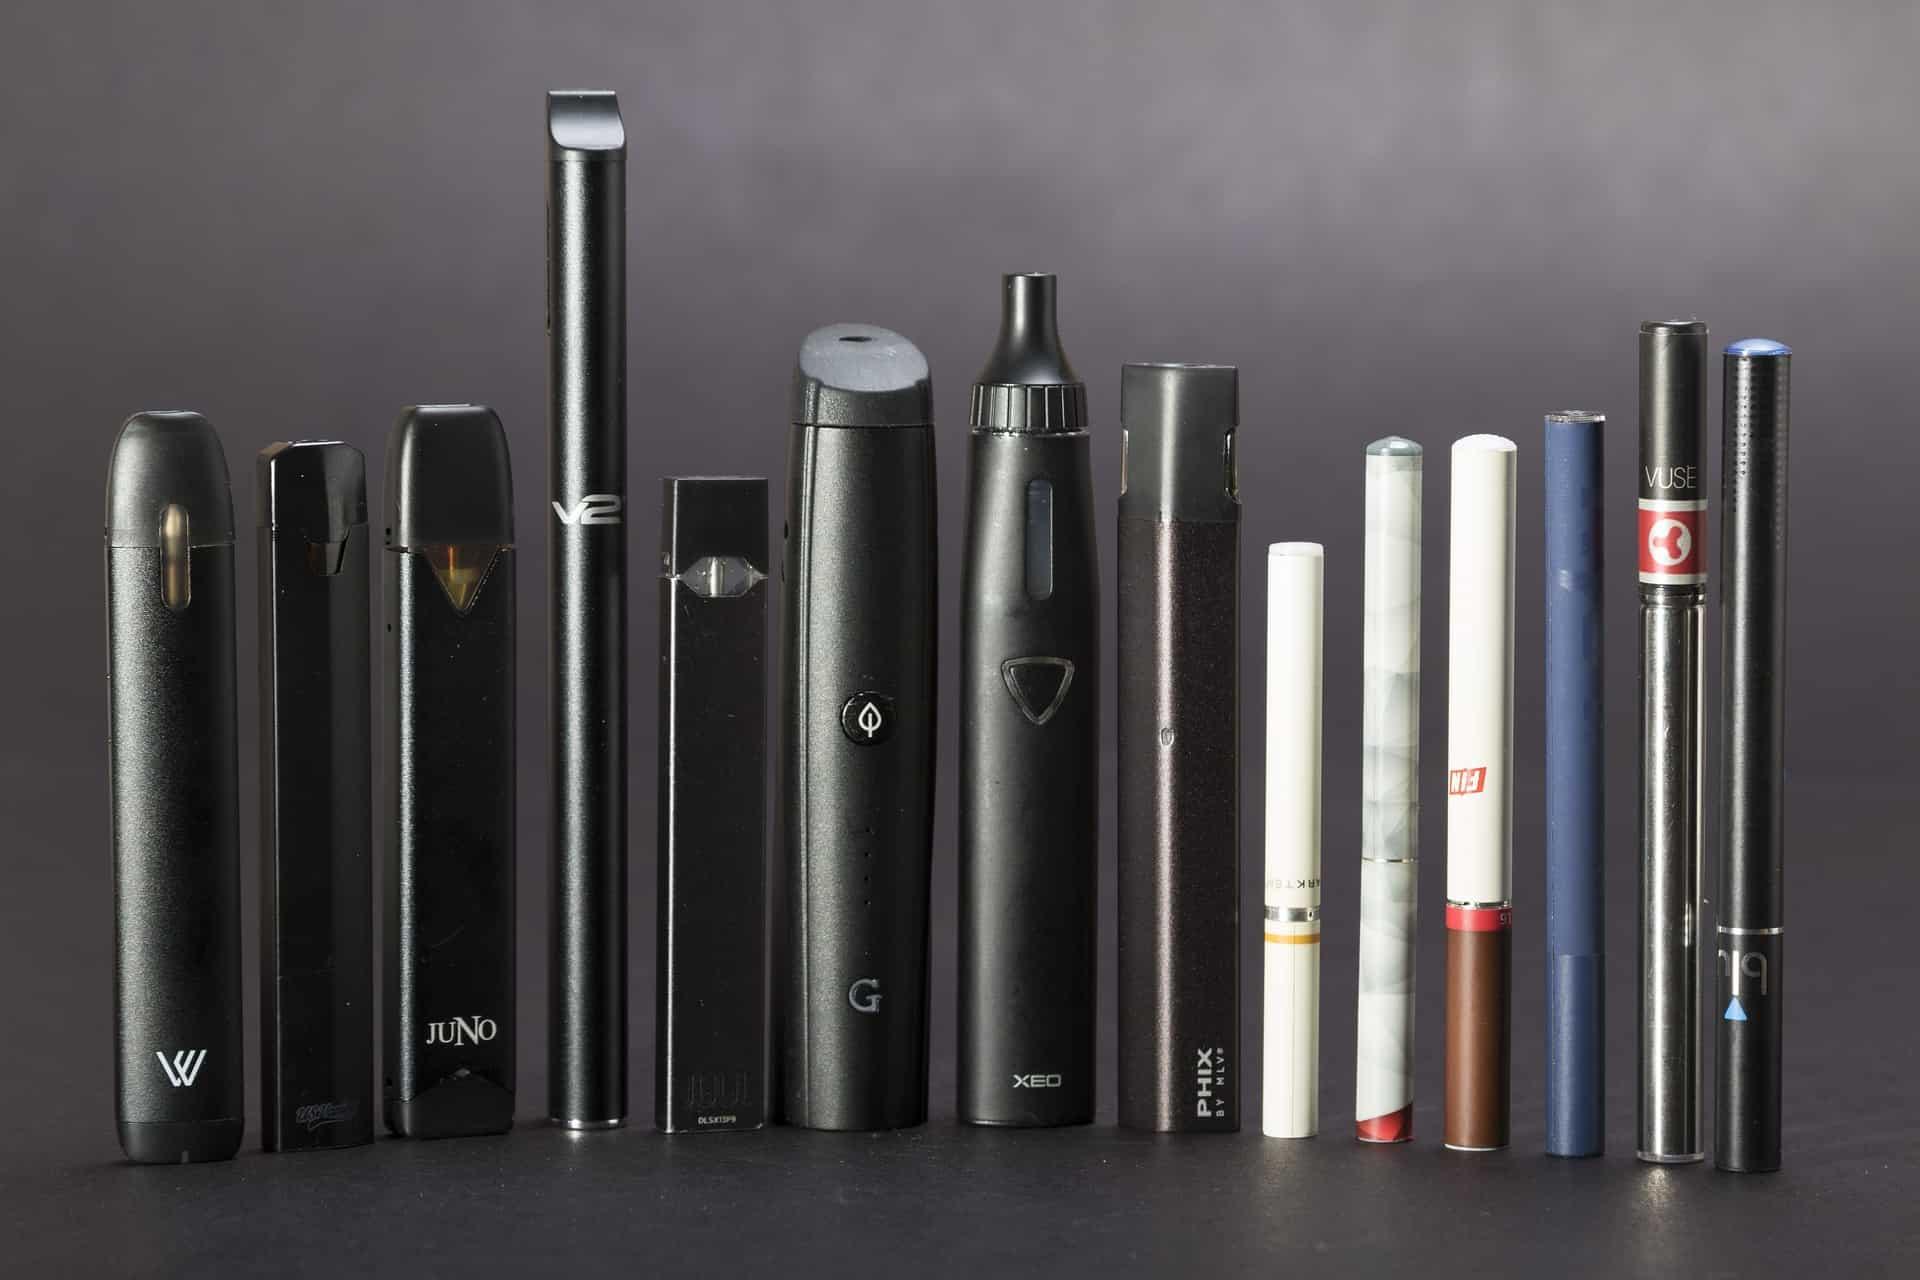 ecigarette-3576177_1920